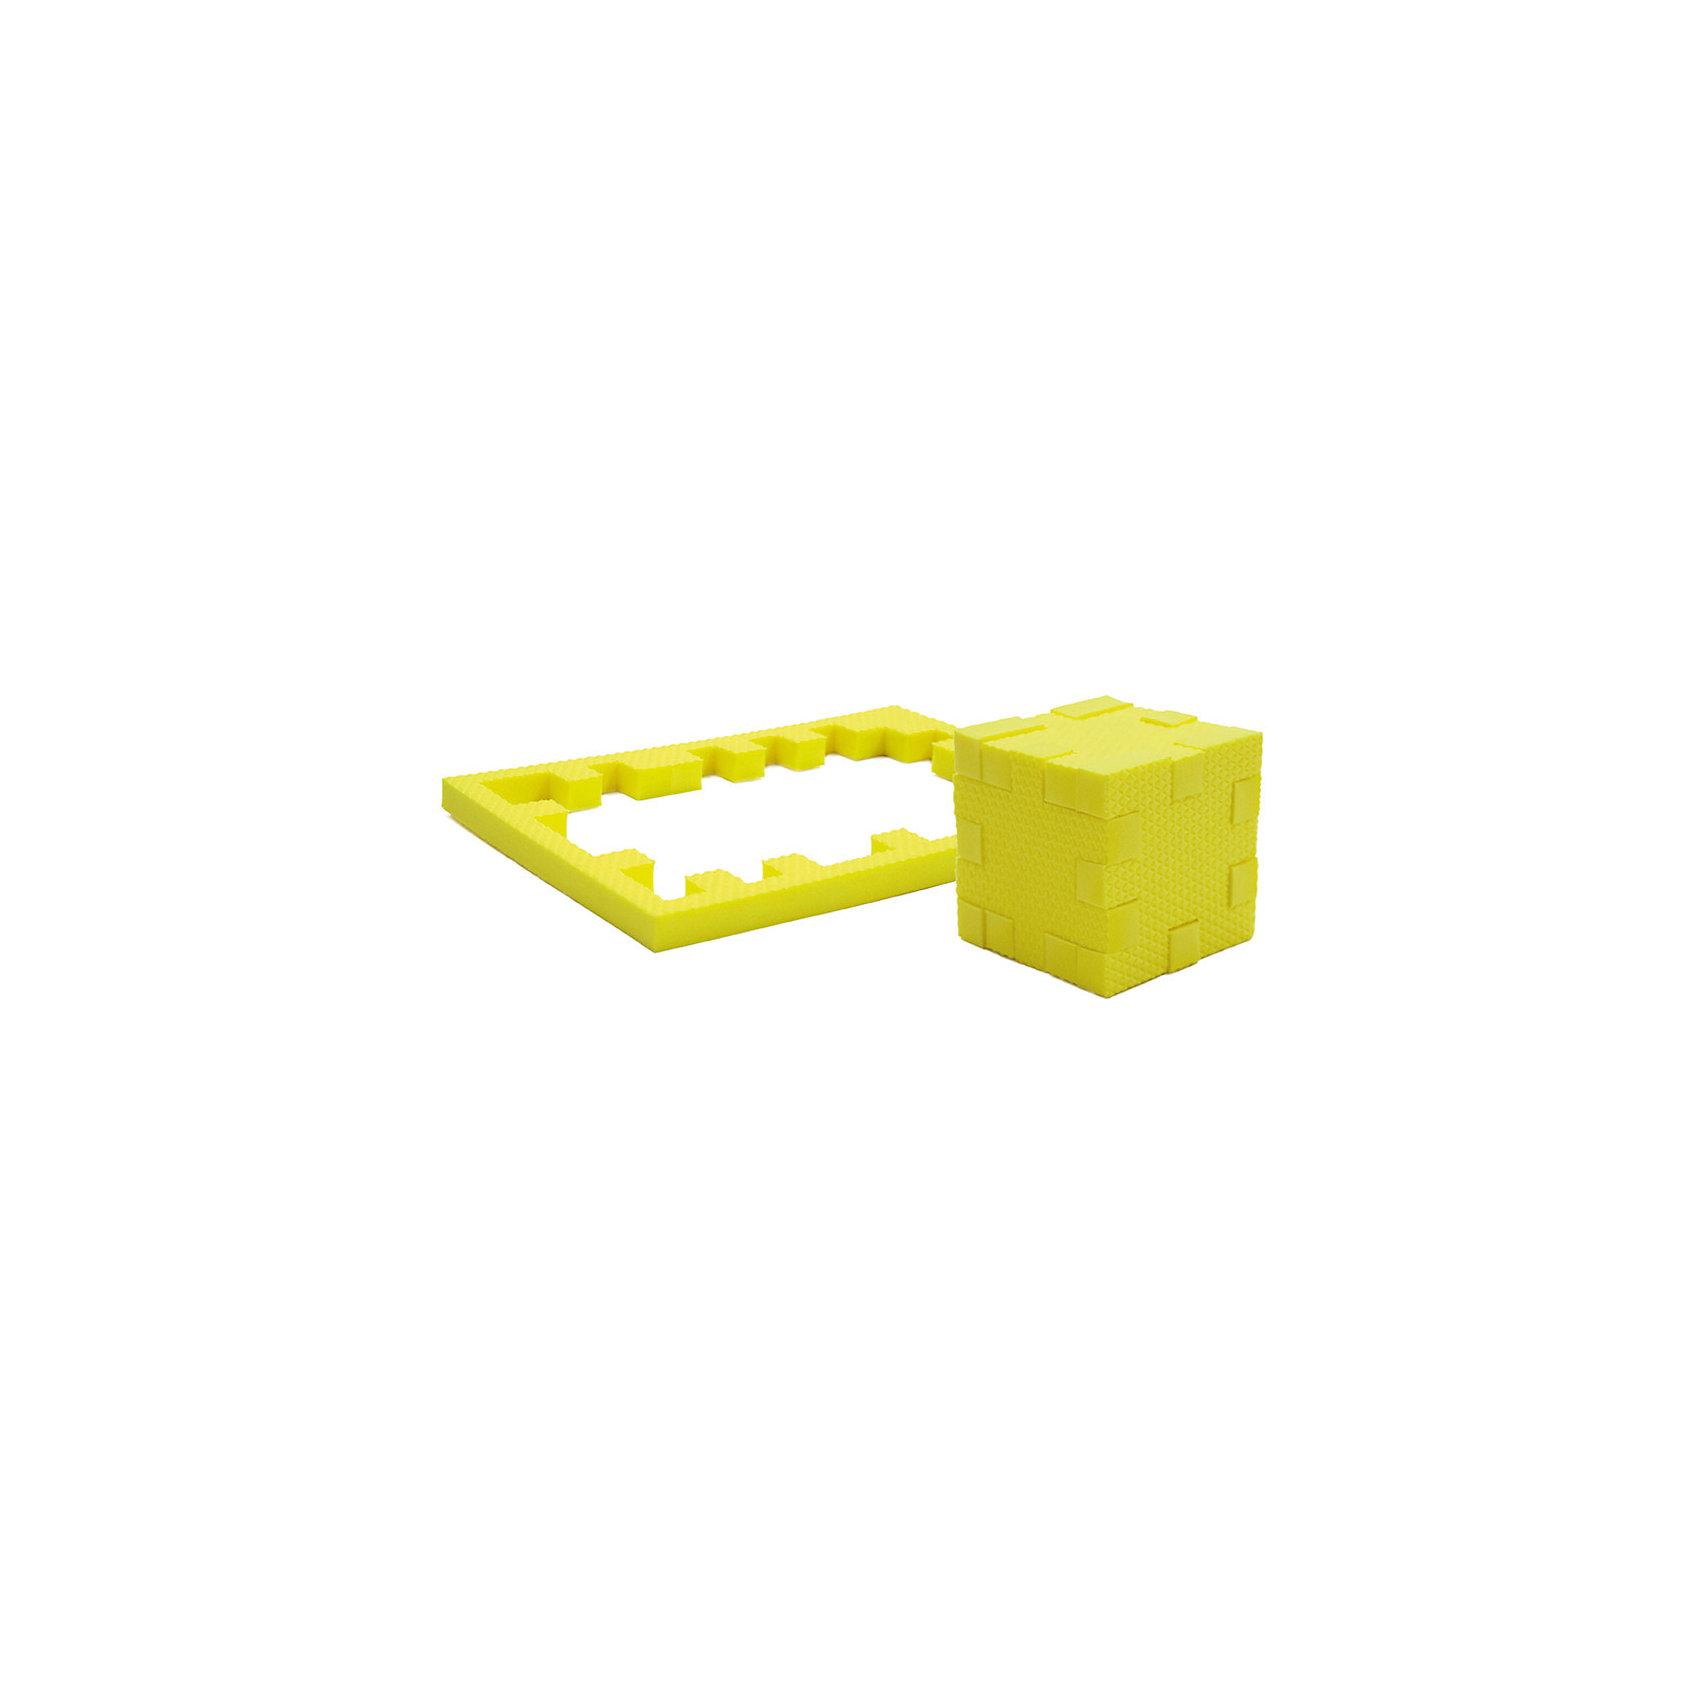 Пазл-конструктор Цитрин, PicnMixОкружающий мир<br>Цитрин - уникальный пазл-конструктор из серии Кубикформ от PicnMix, который поможет развить логику, мелкую моторику и пространственное восприятие. Ребенок сможет собрать пазл, кубик и различные геометрические фигуры. Для начала можно следовать инструкции, а узнав, как устроен чудо-пазл, придумать свои собственные творения. Кроме того, с конструктором Цитрин можно смело играть в воде. <br>Пазл-конструктор Цитрин - замечательный подарок для юных строителей!<br><br>Дополнительная информация:<br>Цвет: желтый<br>Материал: ЭВА(вспененный полимер)<br>Размер упаковки: 21,5х1,5х15,5 см<br>Вес: 45 грамм<br><br>Пазл-конструктор Цитрин от PicnMix можно приобрести в нашем интернет-магазине.<br><br>Ширина мм: 215<br>Глубина мм: 15<br>Высота мм: 160<br>Вес г: 50<br>Возраст от месяцев: 36<br>Возраст до месяцев: 60<br>Пол: Унисекс<br>Возраст: Детский<br>SKU: 5008783